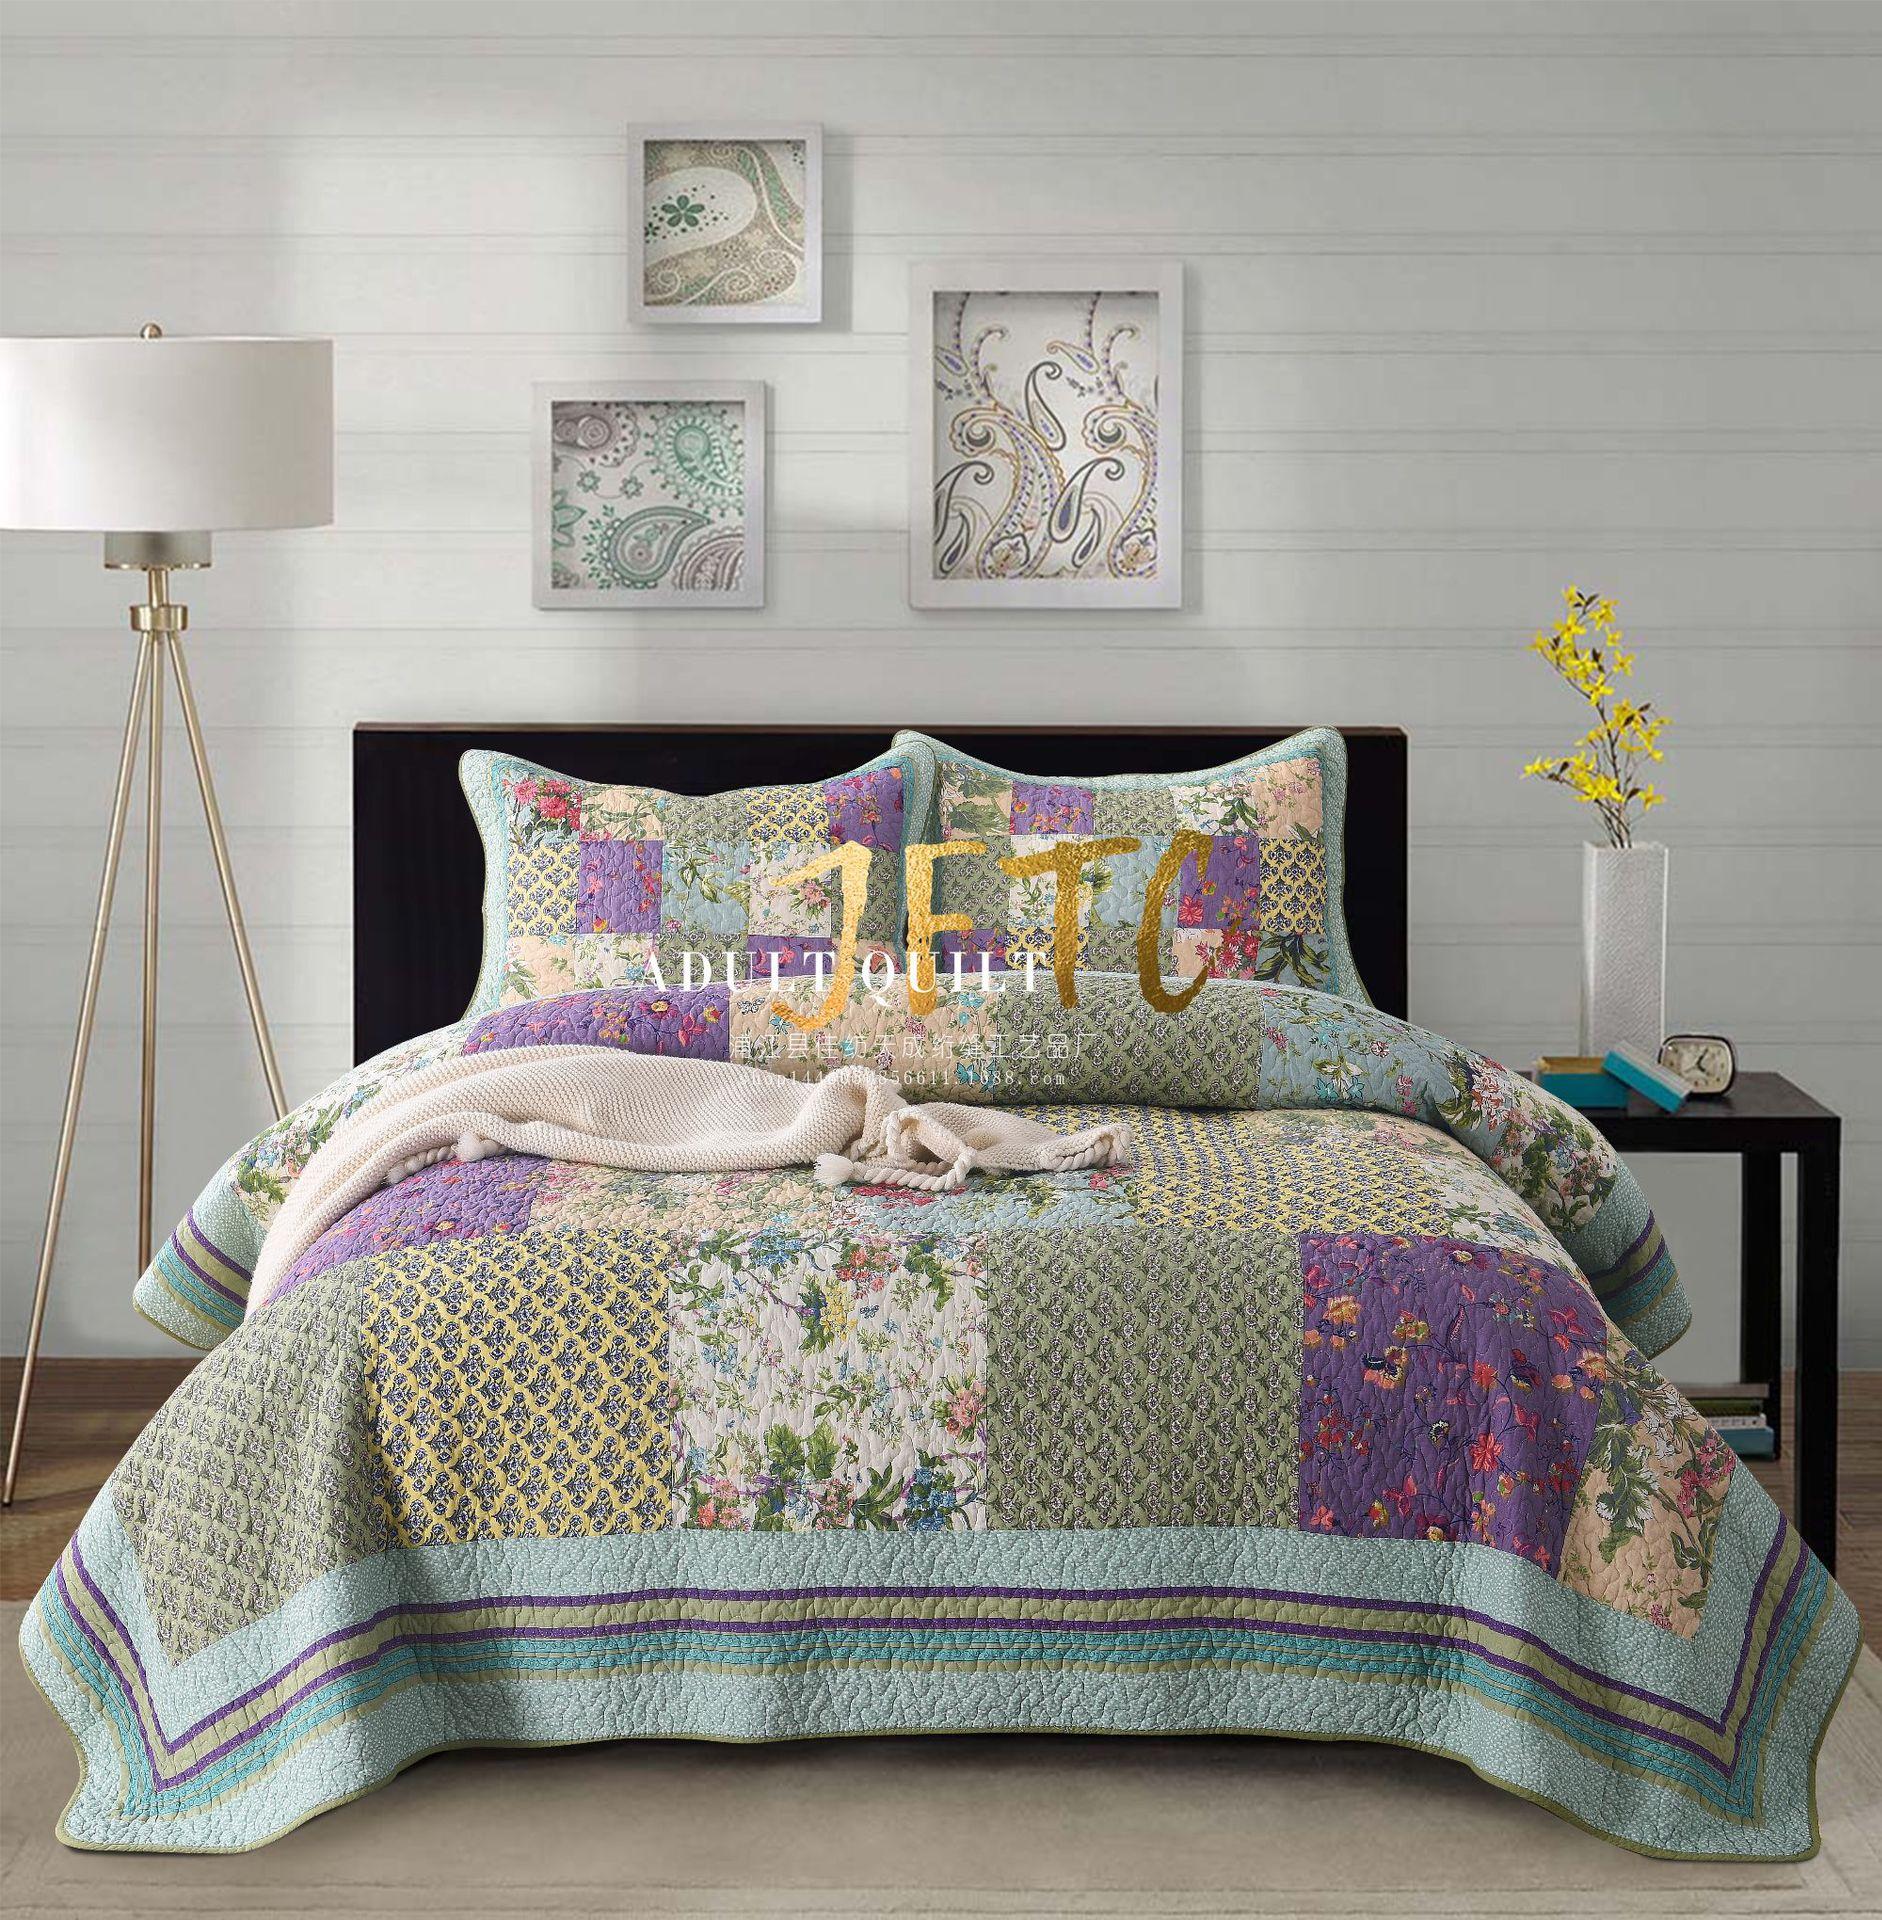 外贸出口欧美绗缝被纯棉床盖欧式手工拼布夹棉加厚床单床罩三件套